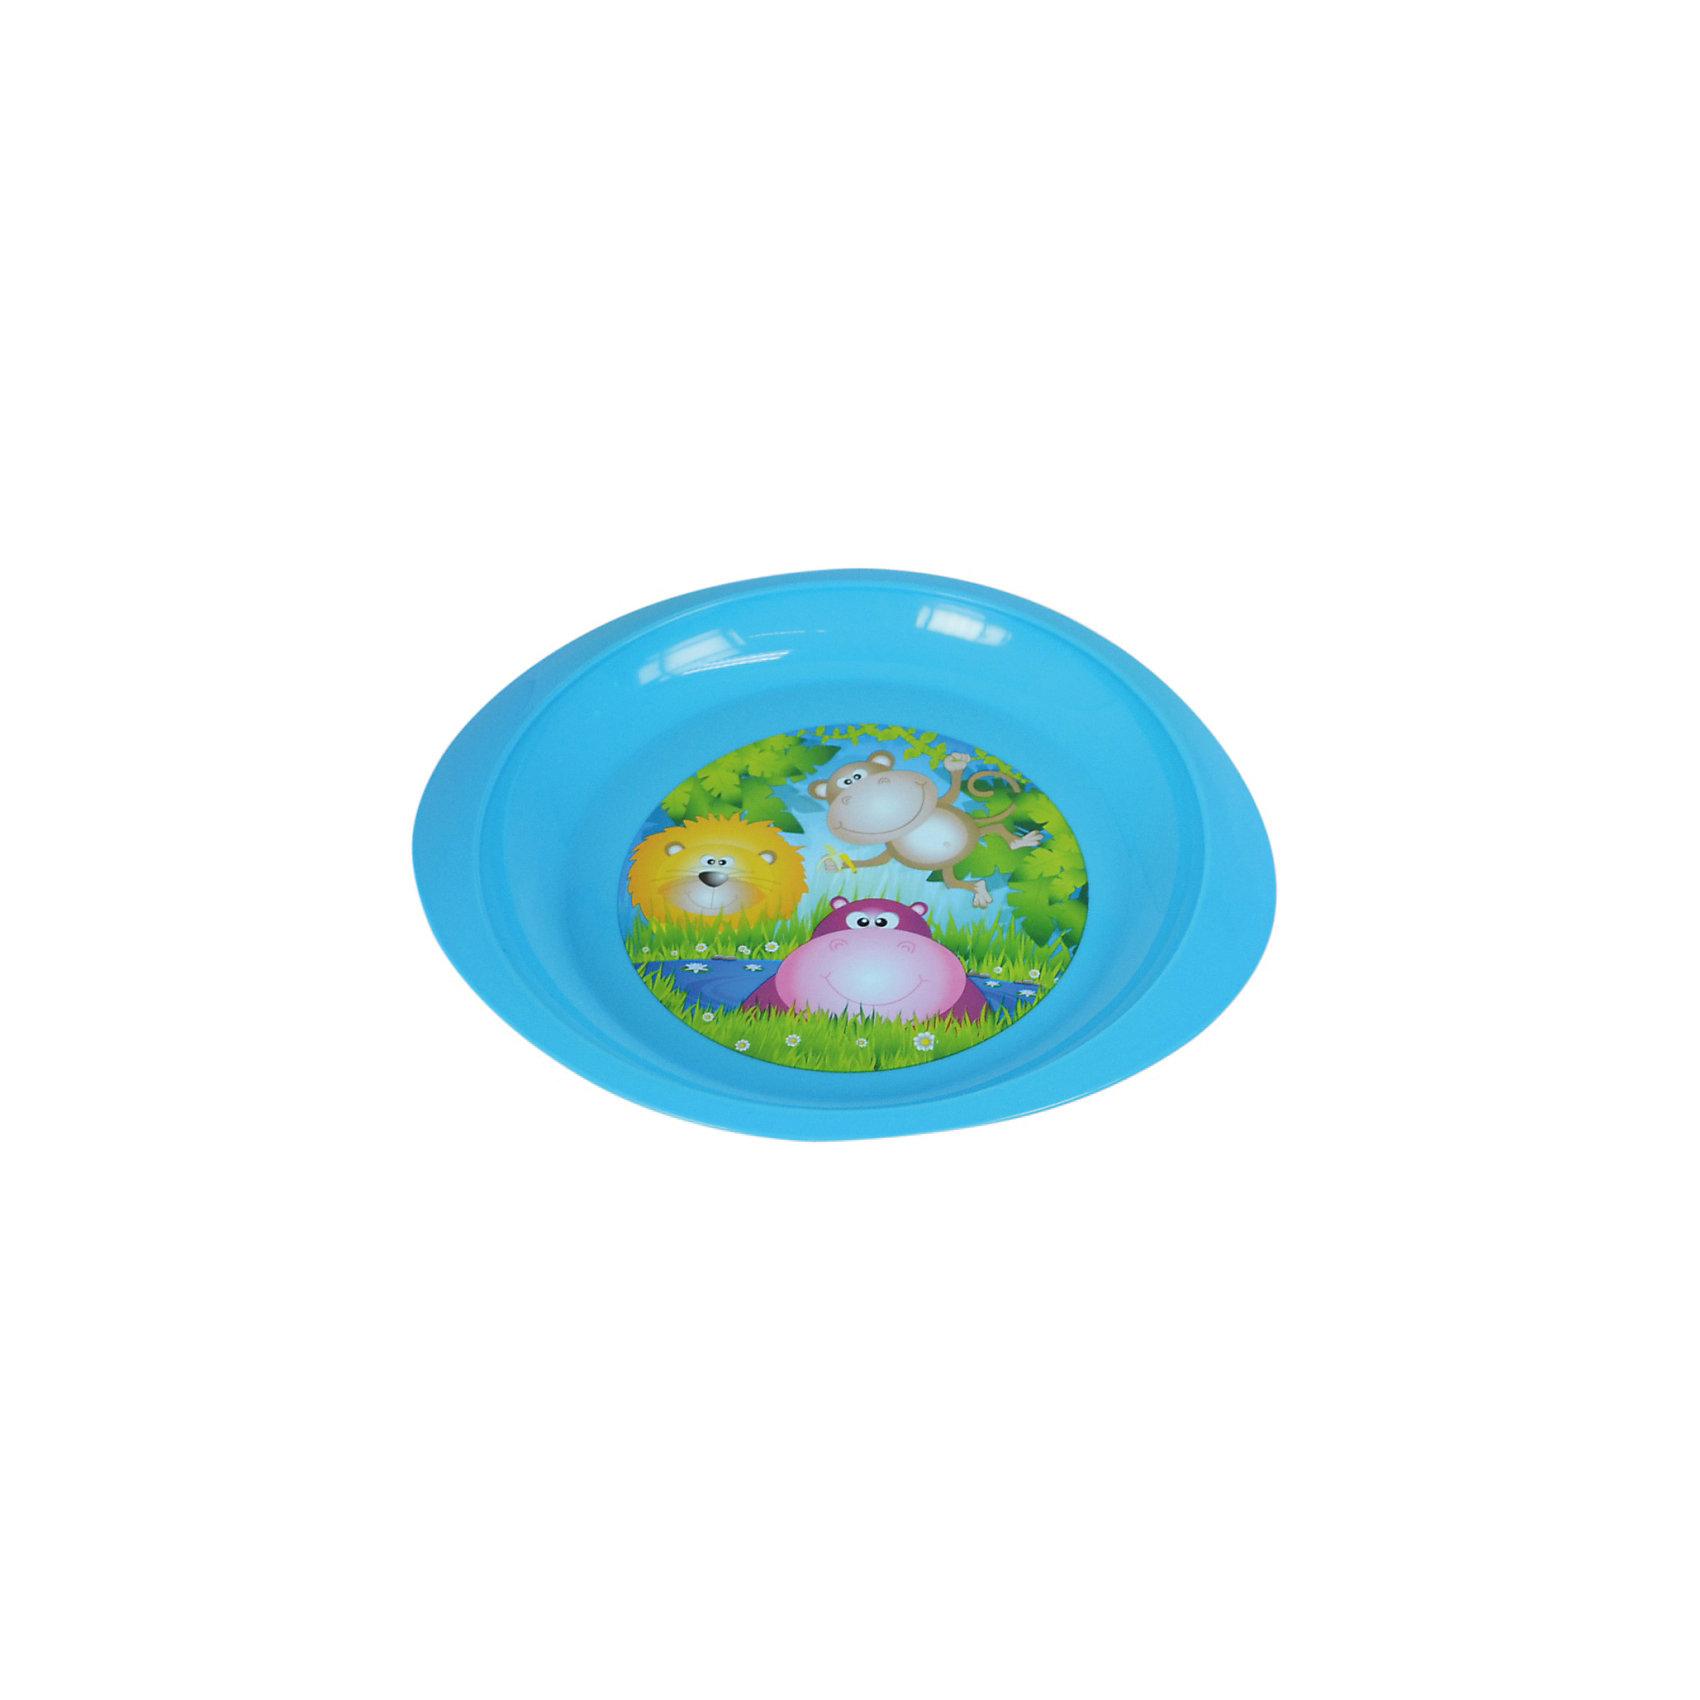 Тарелочка детская для вторых блюд, Курносики, голубойПосуда для малышей<br>Тарелочка детская для вторых блюд, Курносики, голубой.<br><br>Характеристики:<br><br>• Возраст: от 4 месяцев<br>• Цвет: голубой<br>• Материал: полипропилен<br>• Можно разогревать в СВЧ и мыть в посудомоечной машине<br><br>Тарелочка для вторых блюд, декорированная ярким рисунком с изображением забавных животных, подходит для холодной и горячей пищи. Тарелка изготовлена из высококачественного полипропилена. Яркая привлекательная тарелочка поможет вашему ребенку быстрее освоить навыки самостоятельного приема пищи.<br><br>Тарелочку детскую для вторых блюд, Курносики, голубую можно купить в нашем интернет-магазине.<br><br>Ширина мм: 0<br>Глубина мм: 0<br>Высота мм: 0<br>Вес г: 80<br>Возраст от месяцев: 4<br>Возраст до месяцев: 24<br>Пол: Мужской<br>Возраст: Детский<br>SKU: 5439964